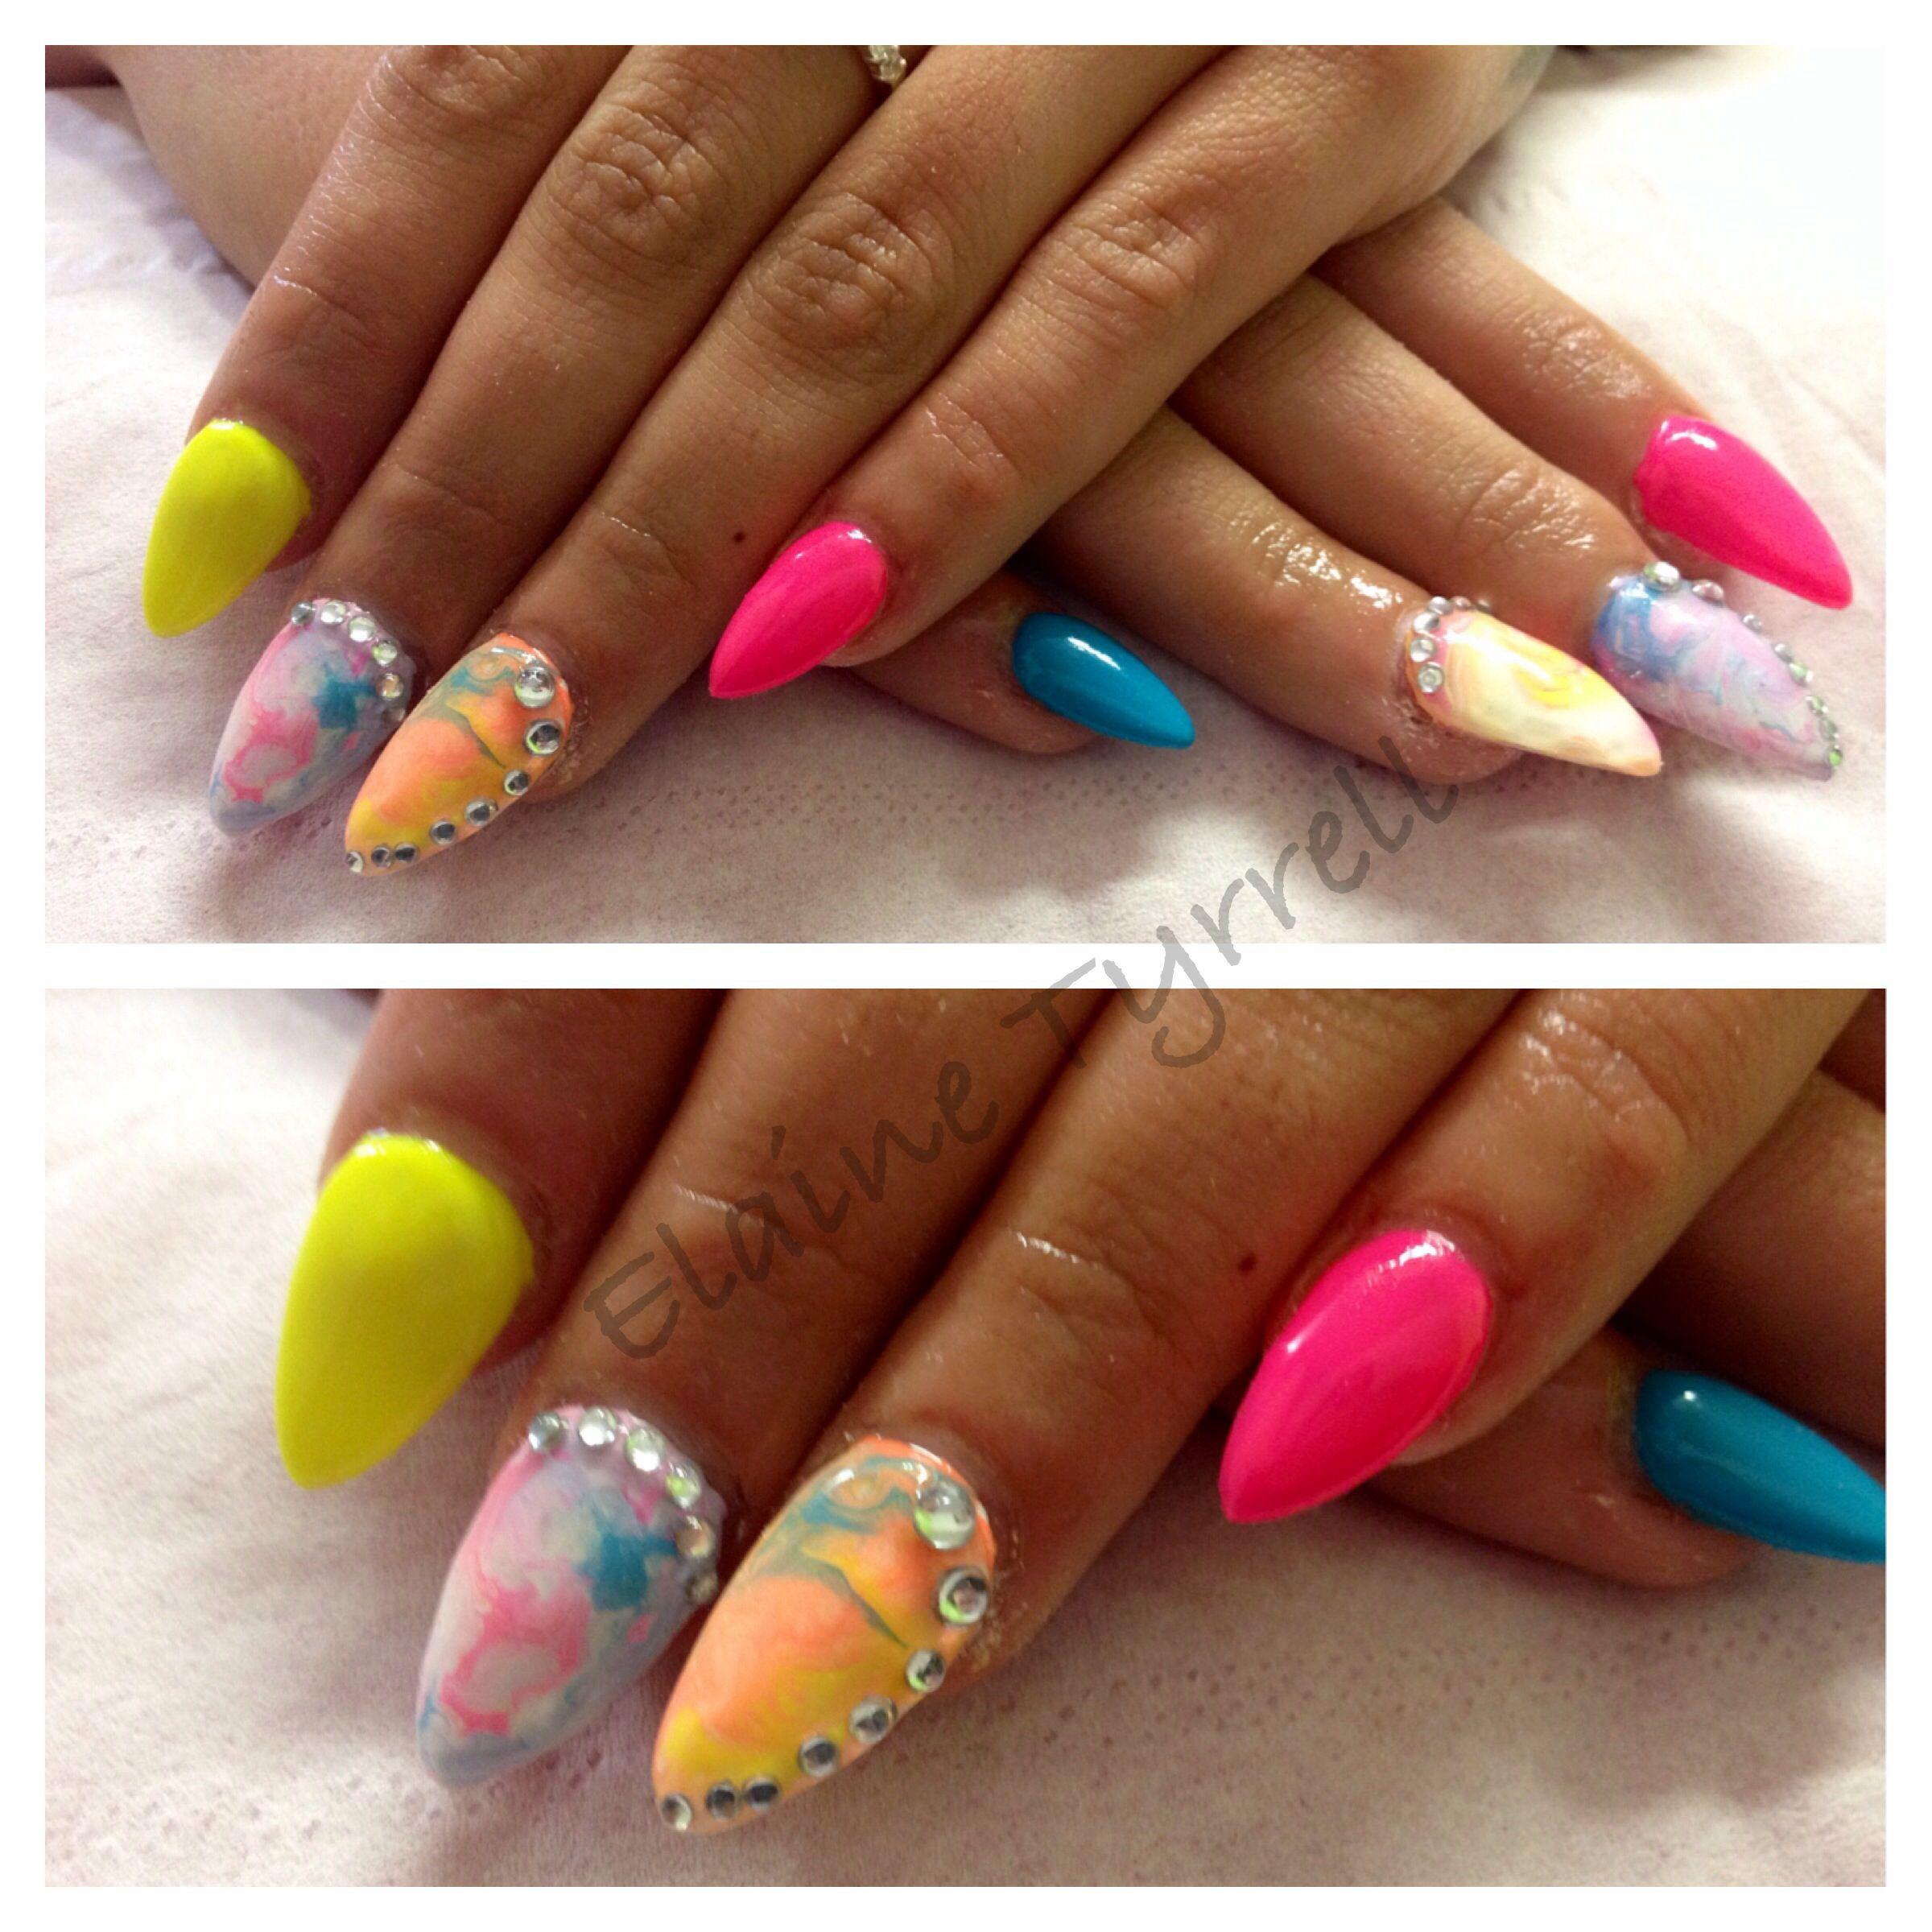 Bright Funky Colourful Acrylic Nails Stiletto Nails Colourful Acrylic Nails Nails Acrylic Nails Stiletto